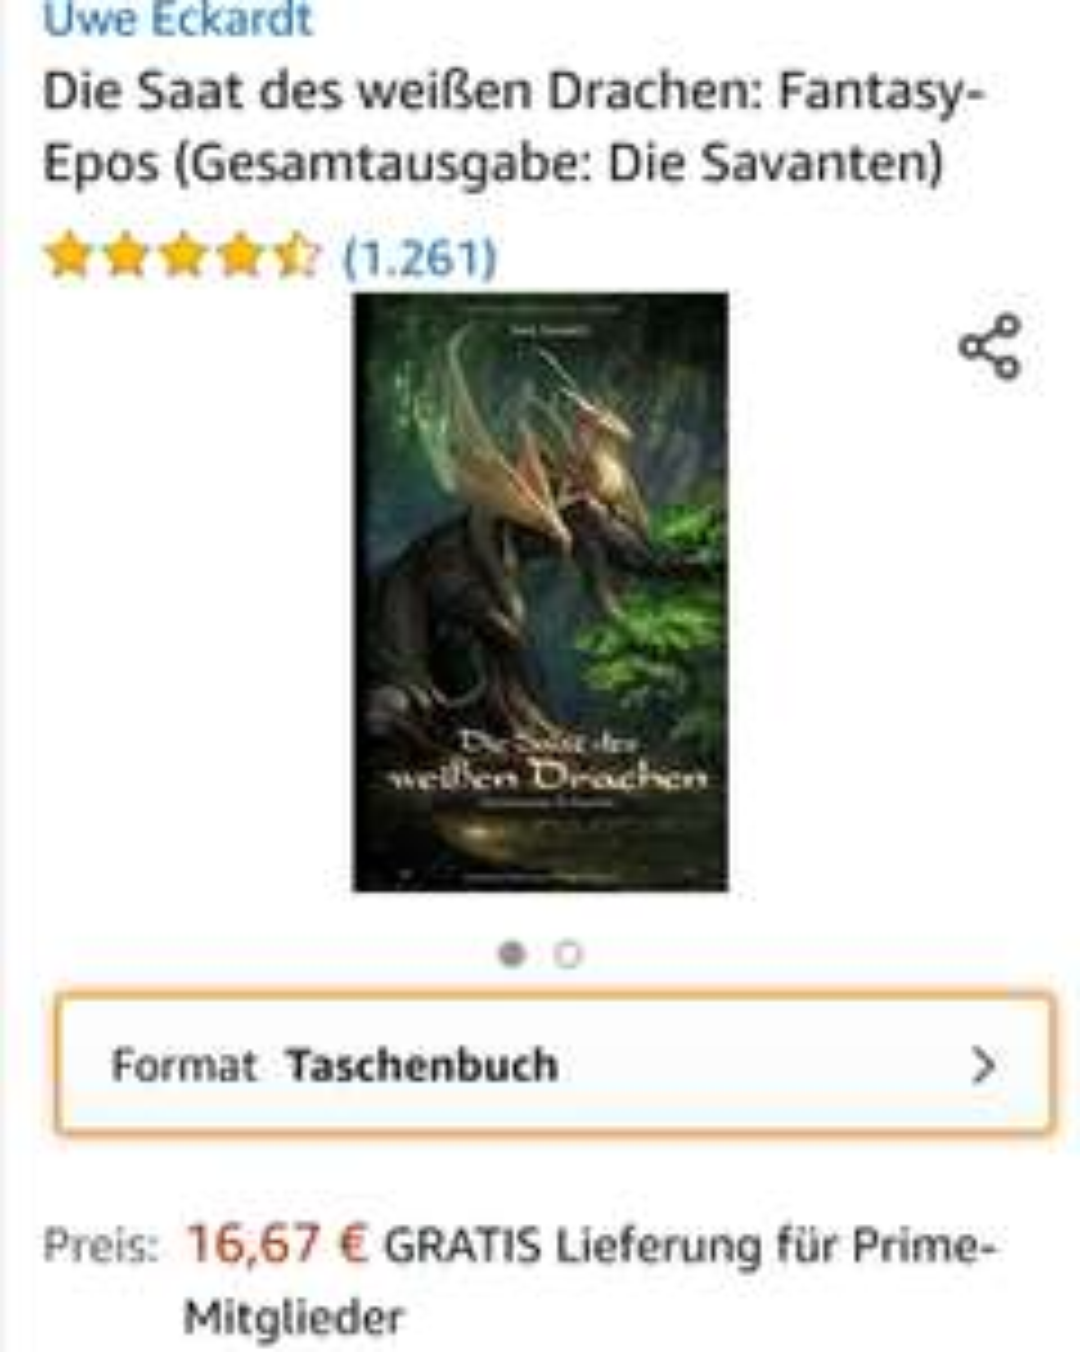 [Ebook Amazon] Die Saat des weißen Drachen